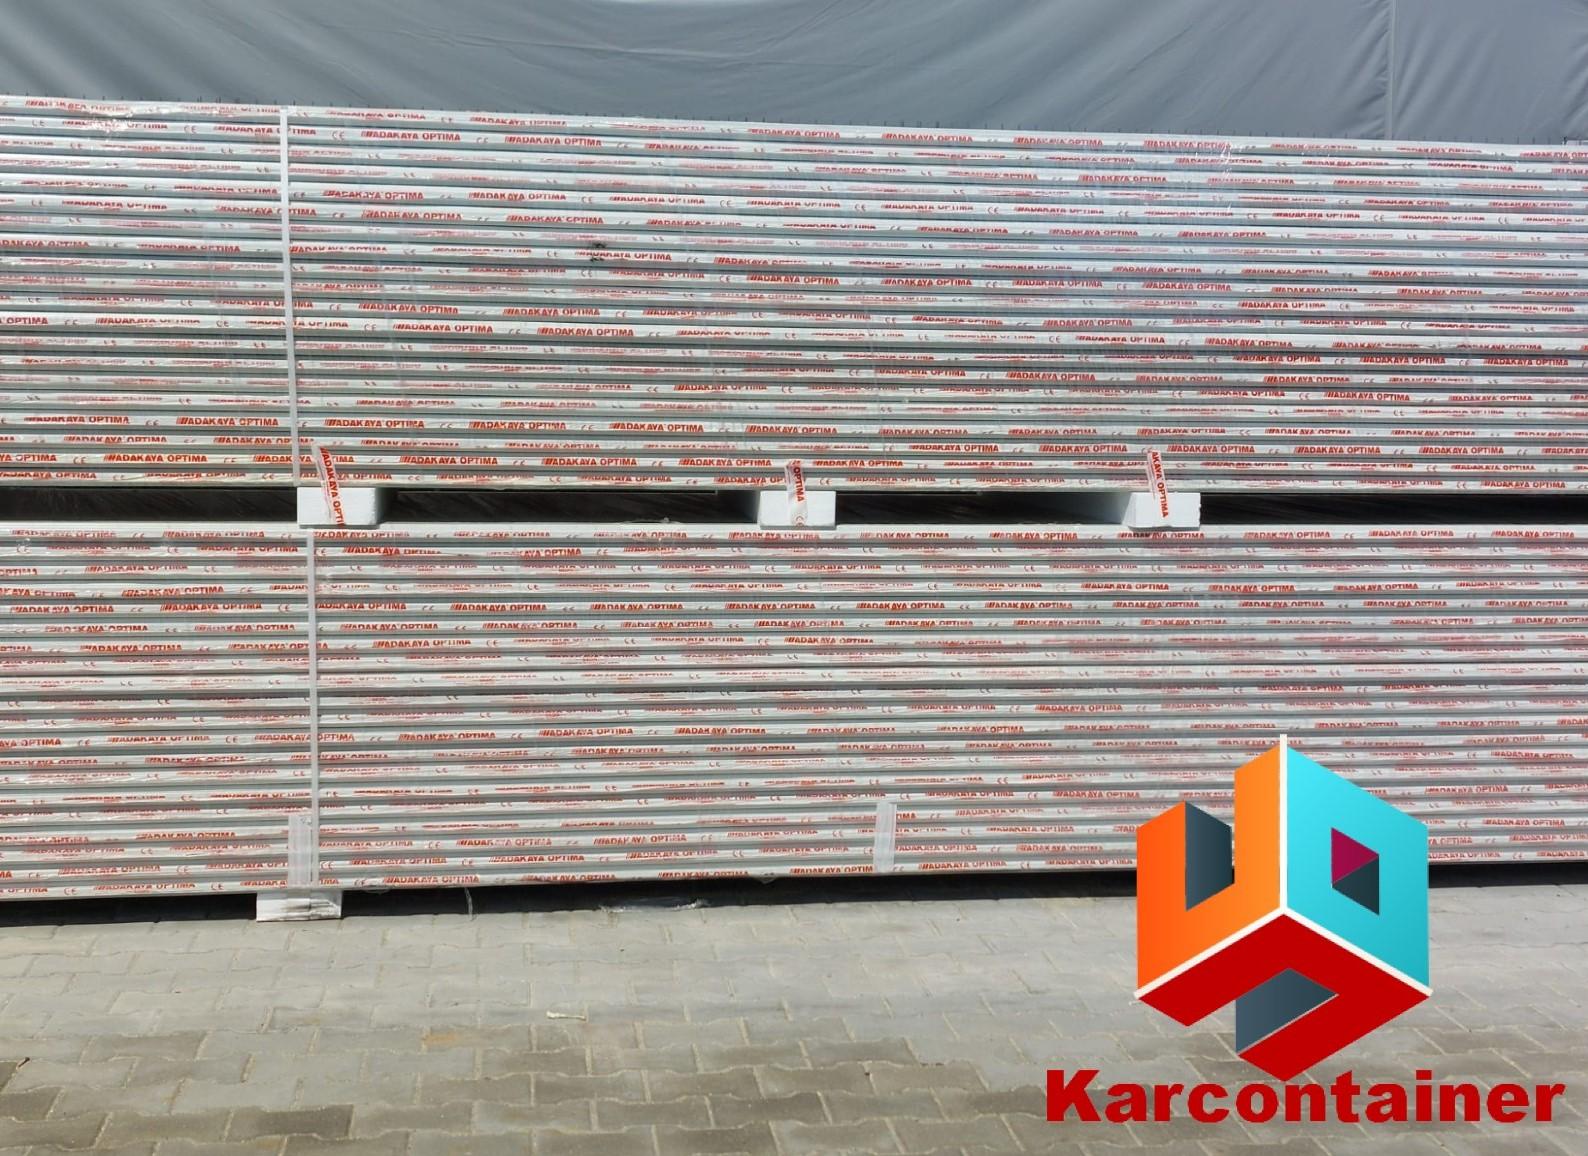 Panouri Karcontainer4